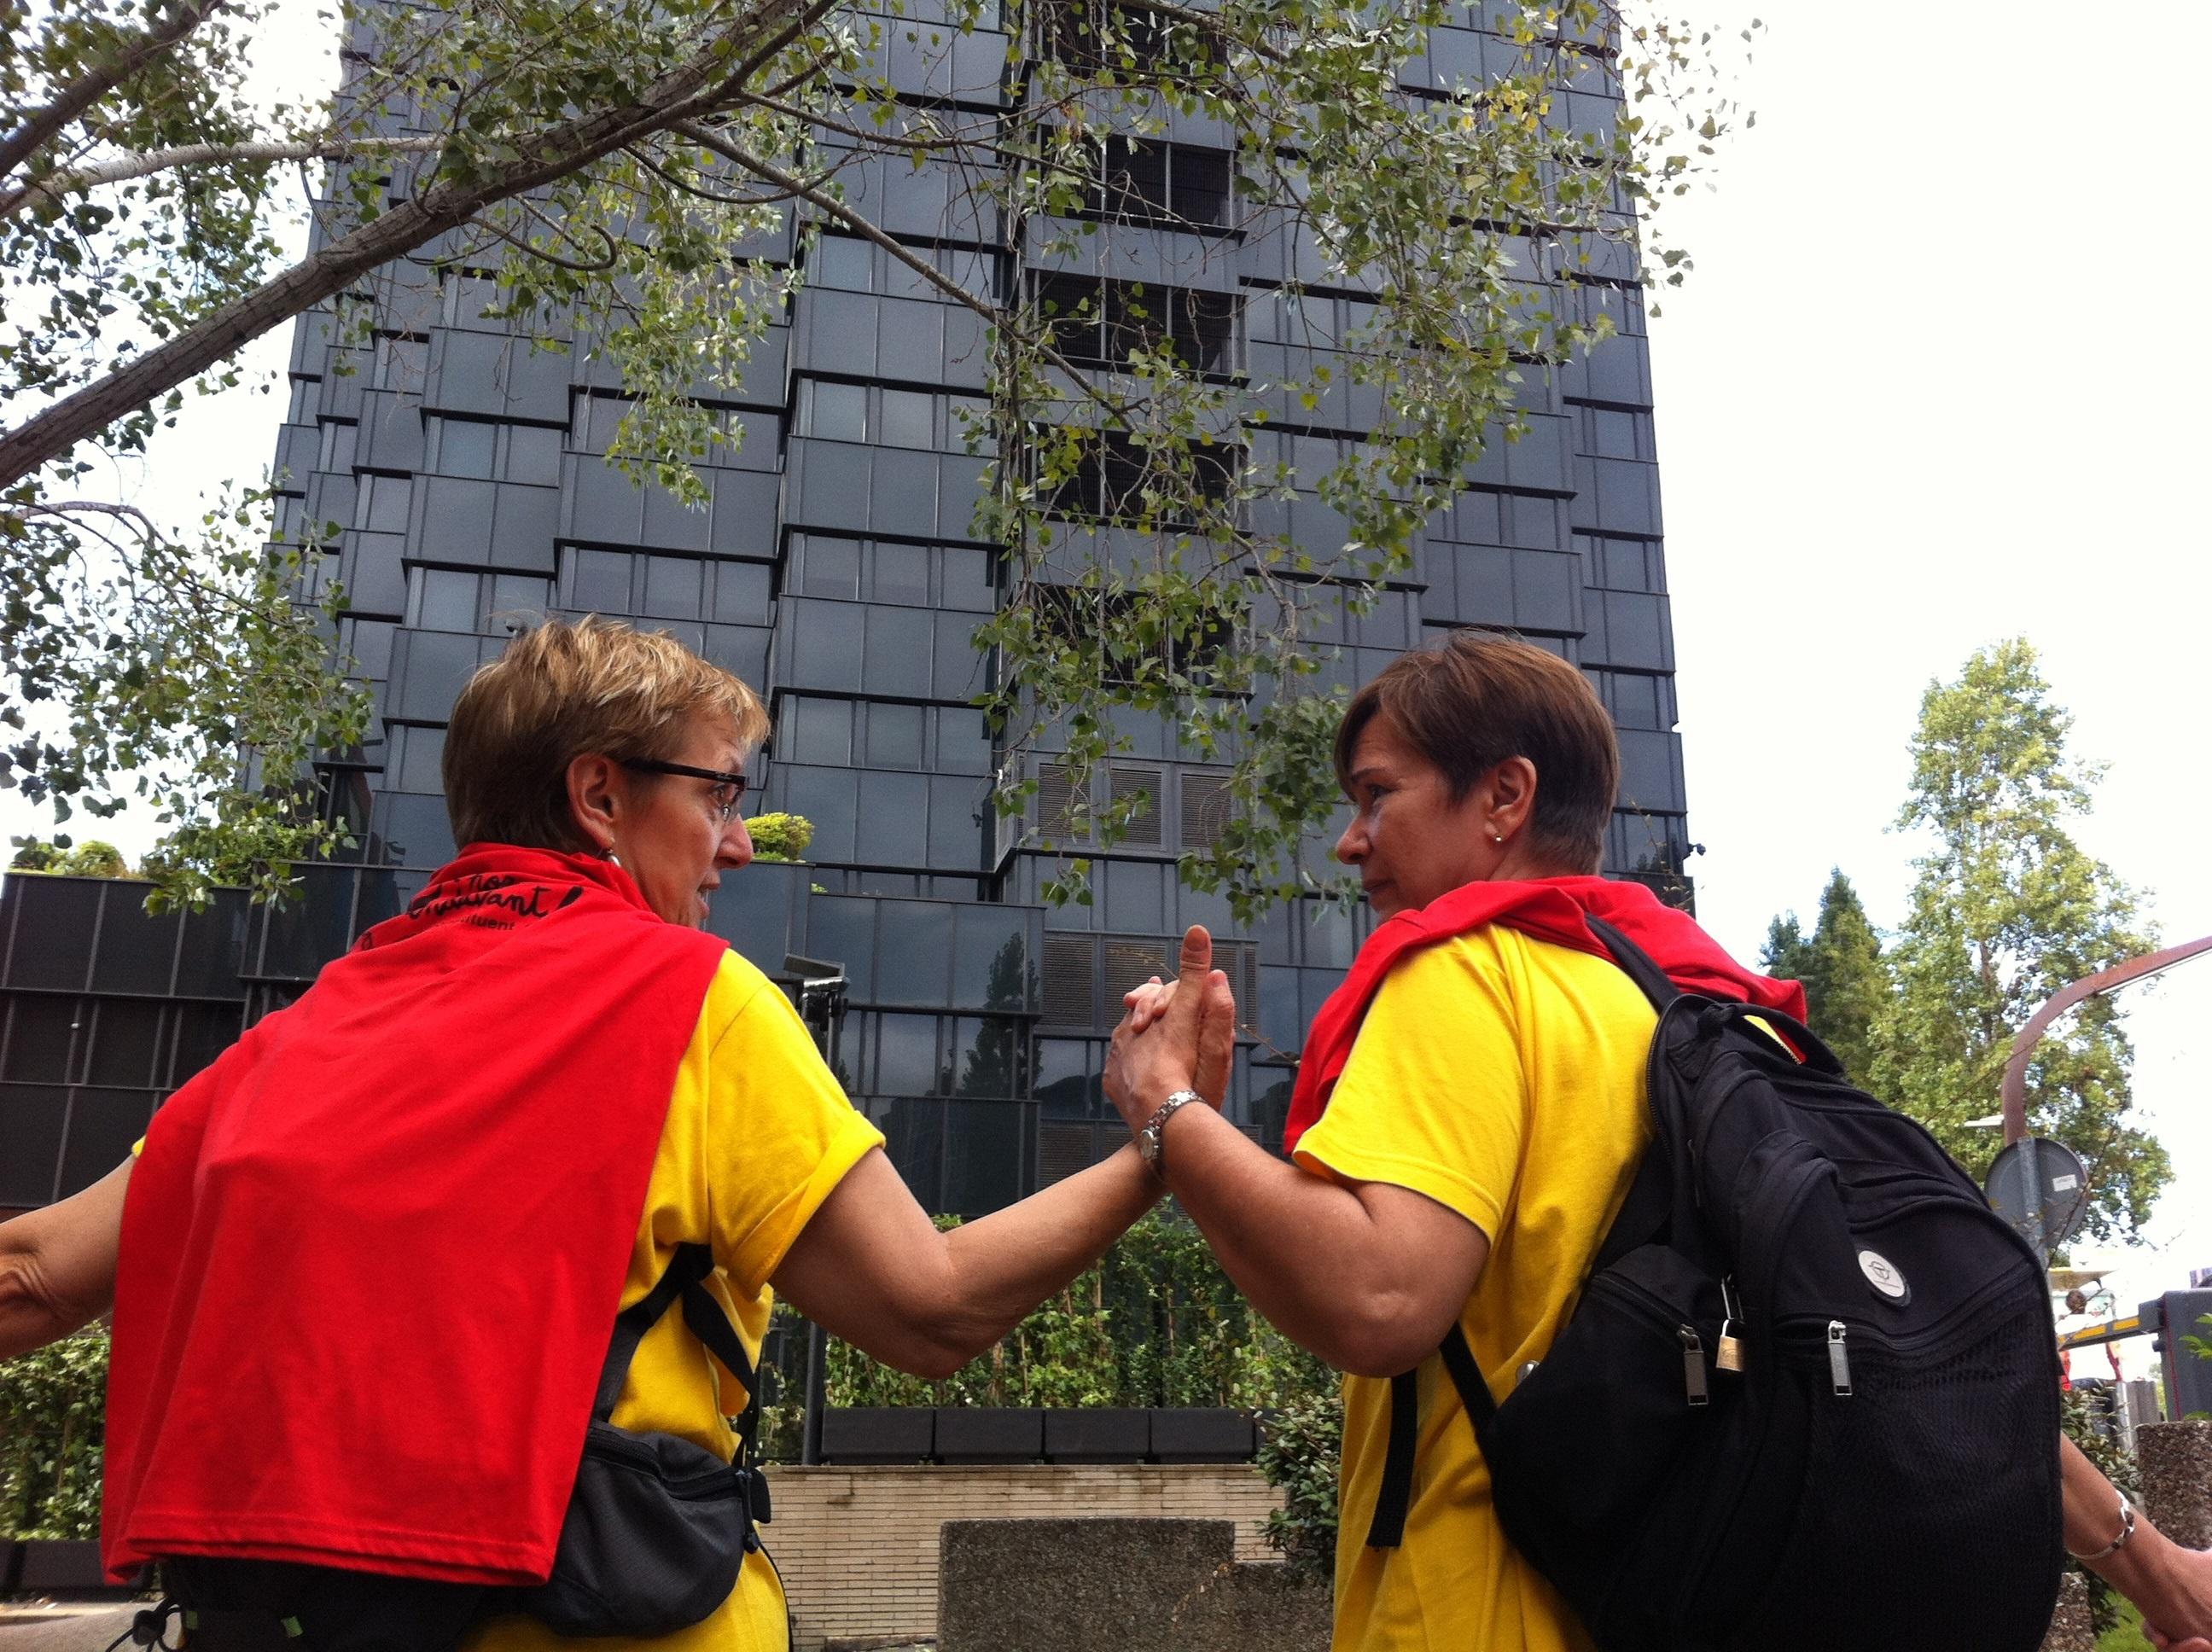 Cuatro cadenas humanas exigen en Barcelona una Cataluña también social